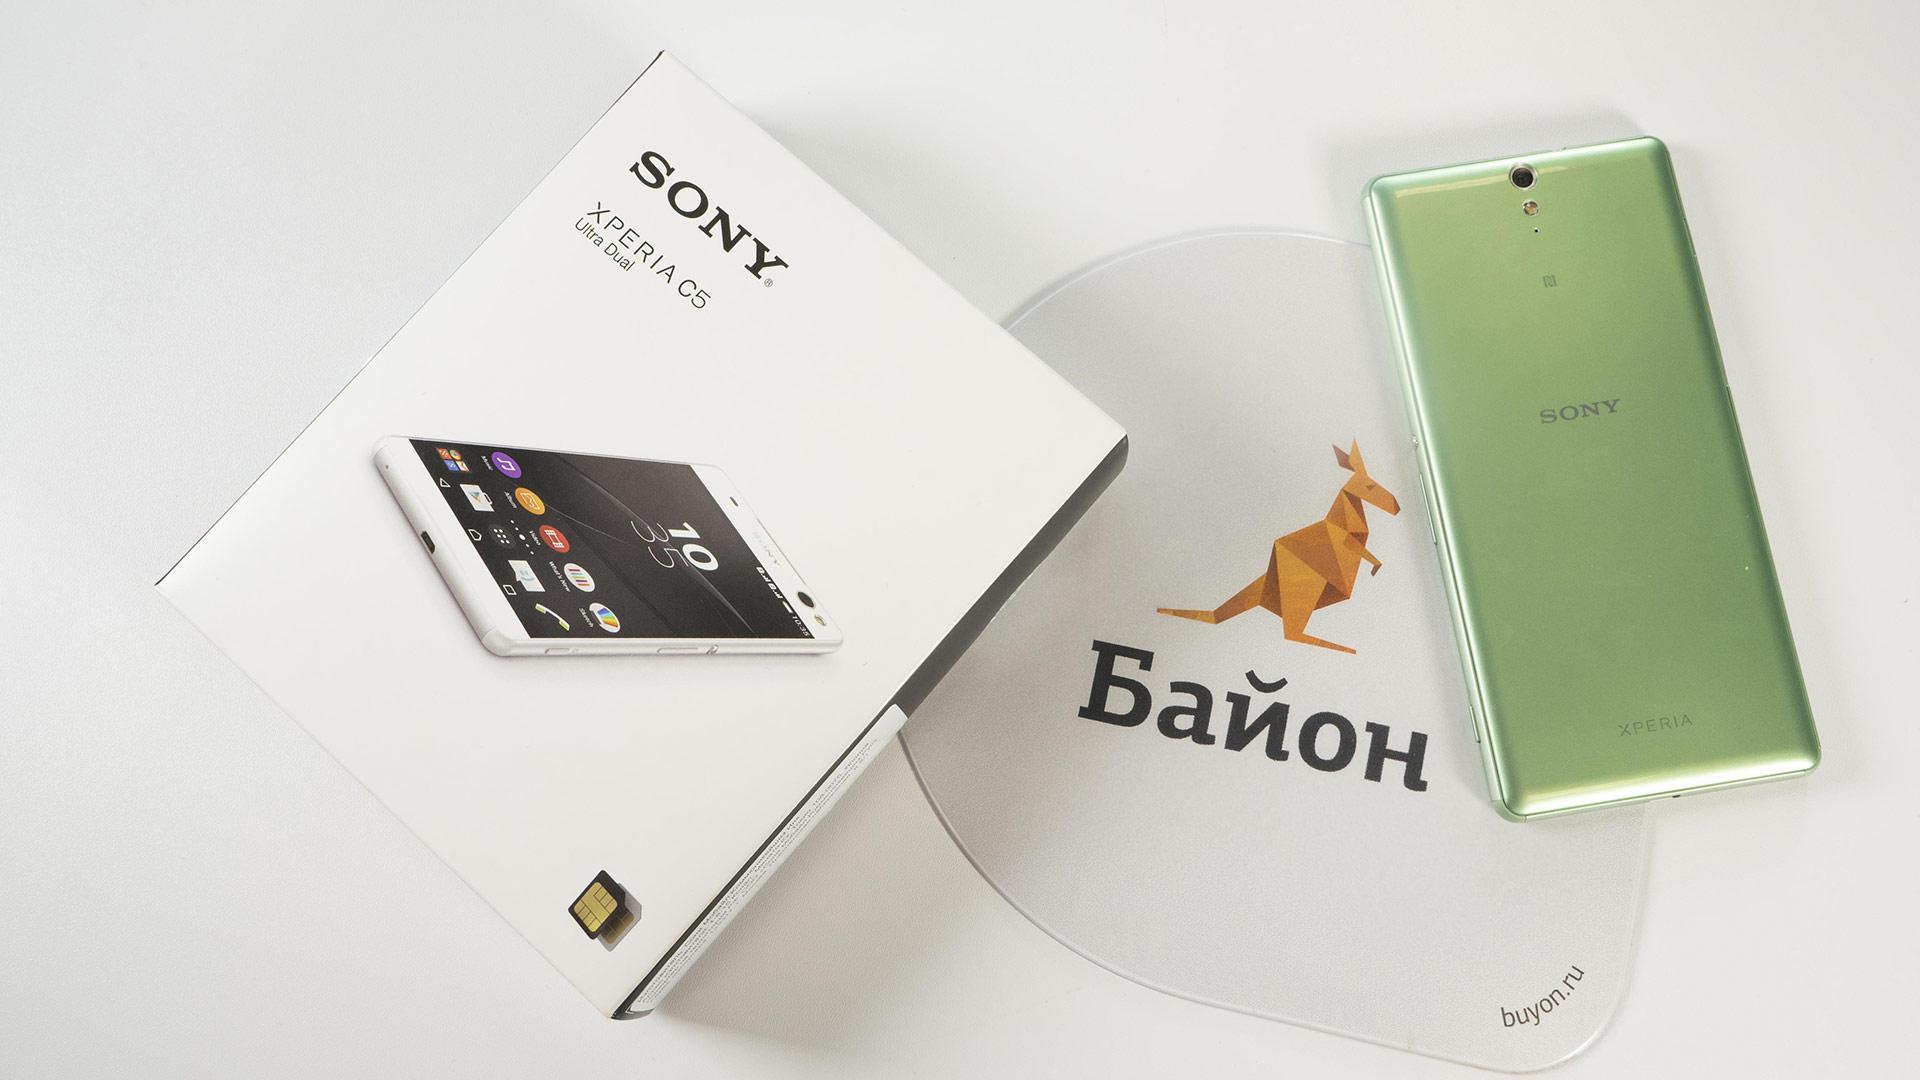 Sony Xperia C5 Ultra Dual Sim распаковка и подробный обзор